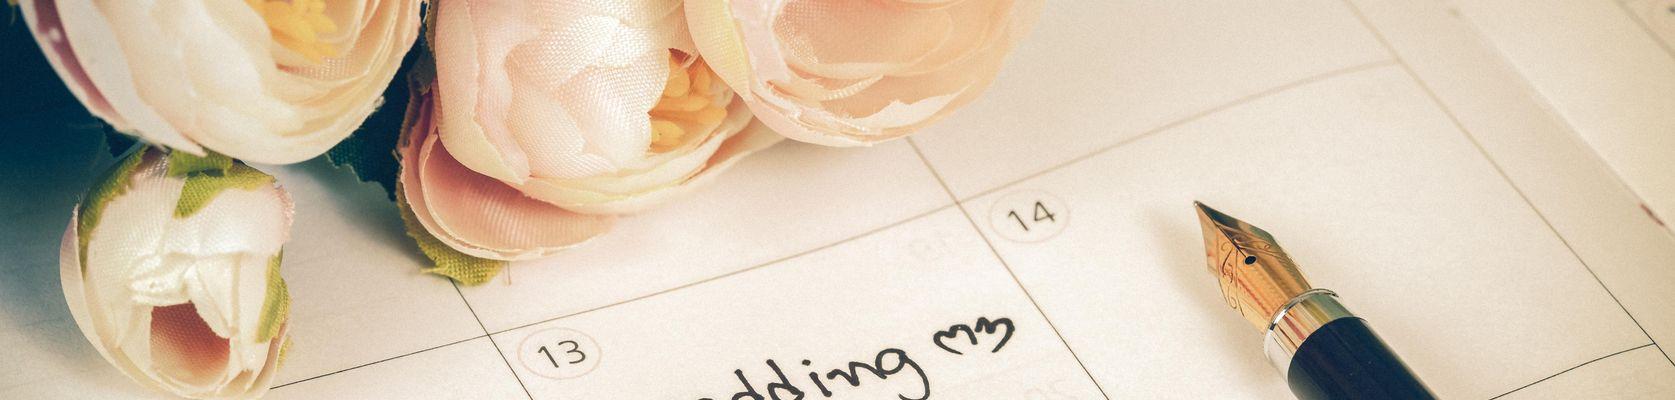 Wedding planner, Hochzeitsplaner, Hochzeitsplanerin, Weddingplanerin